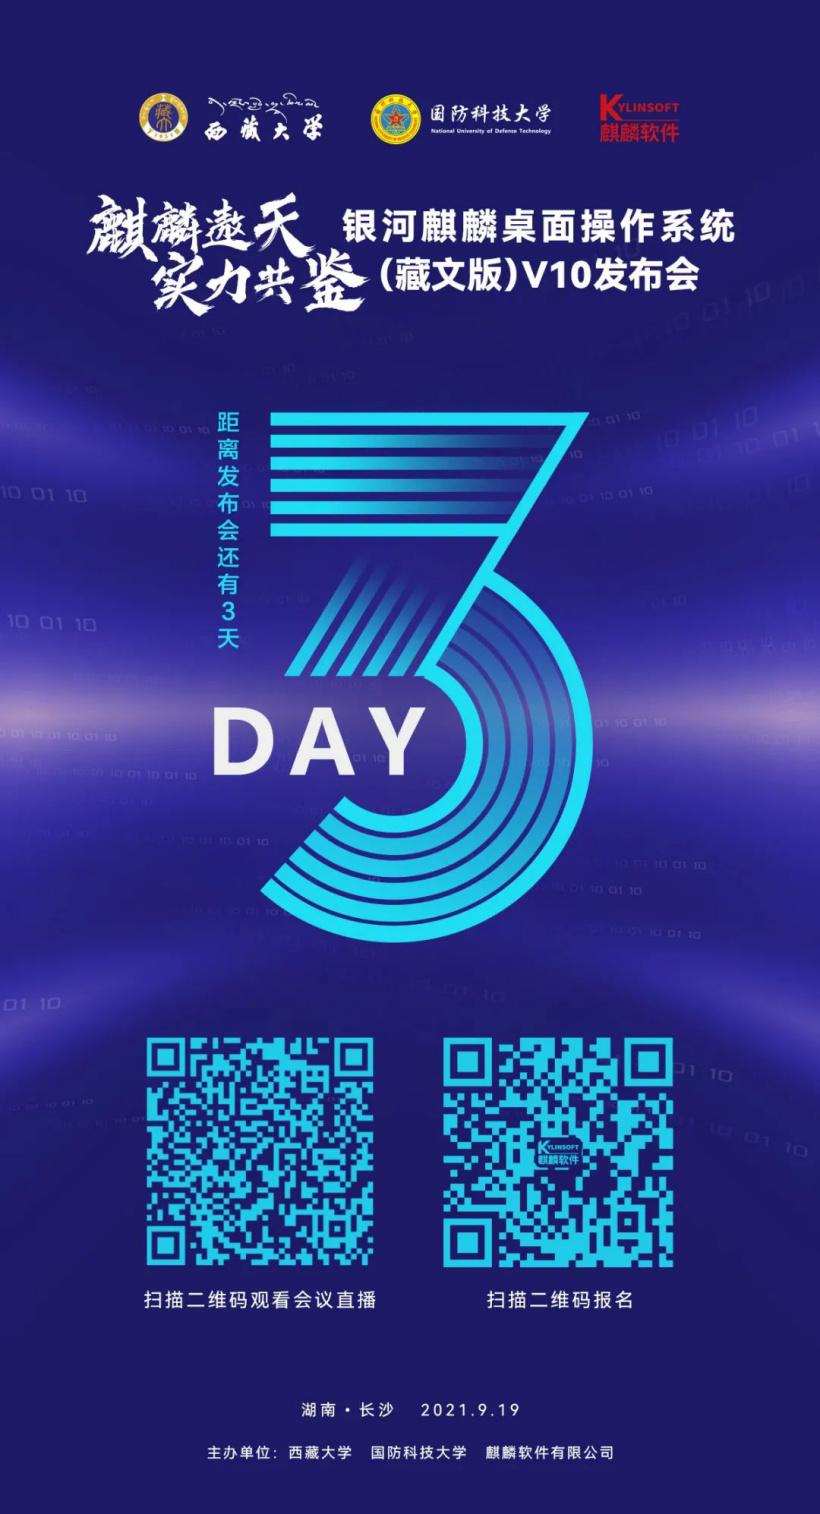 银河麒麟(藏文版)V10 国产操作系统将在 9 月 19 日发布